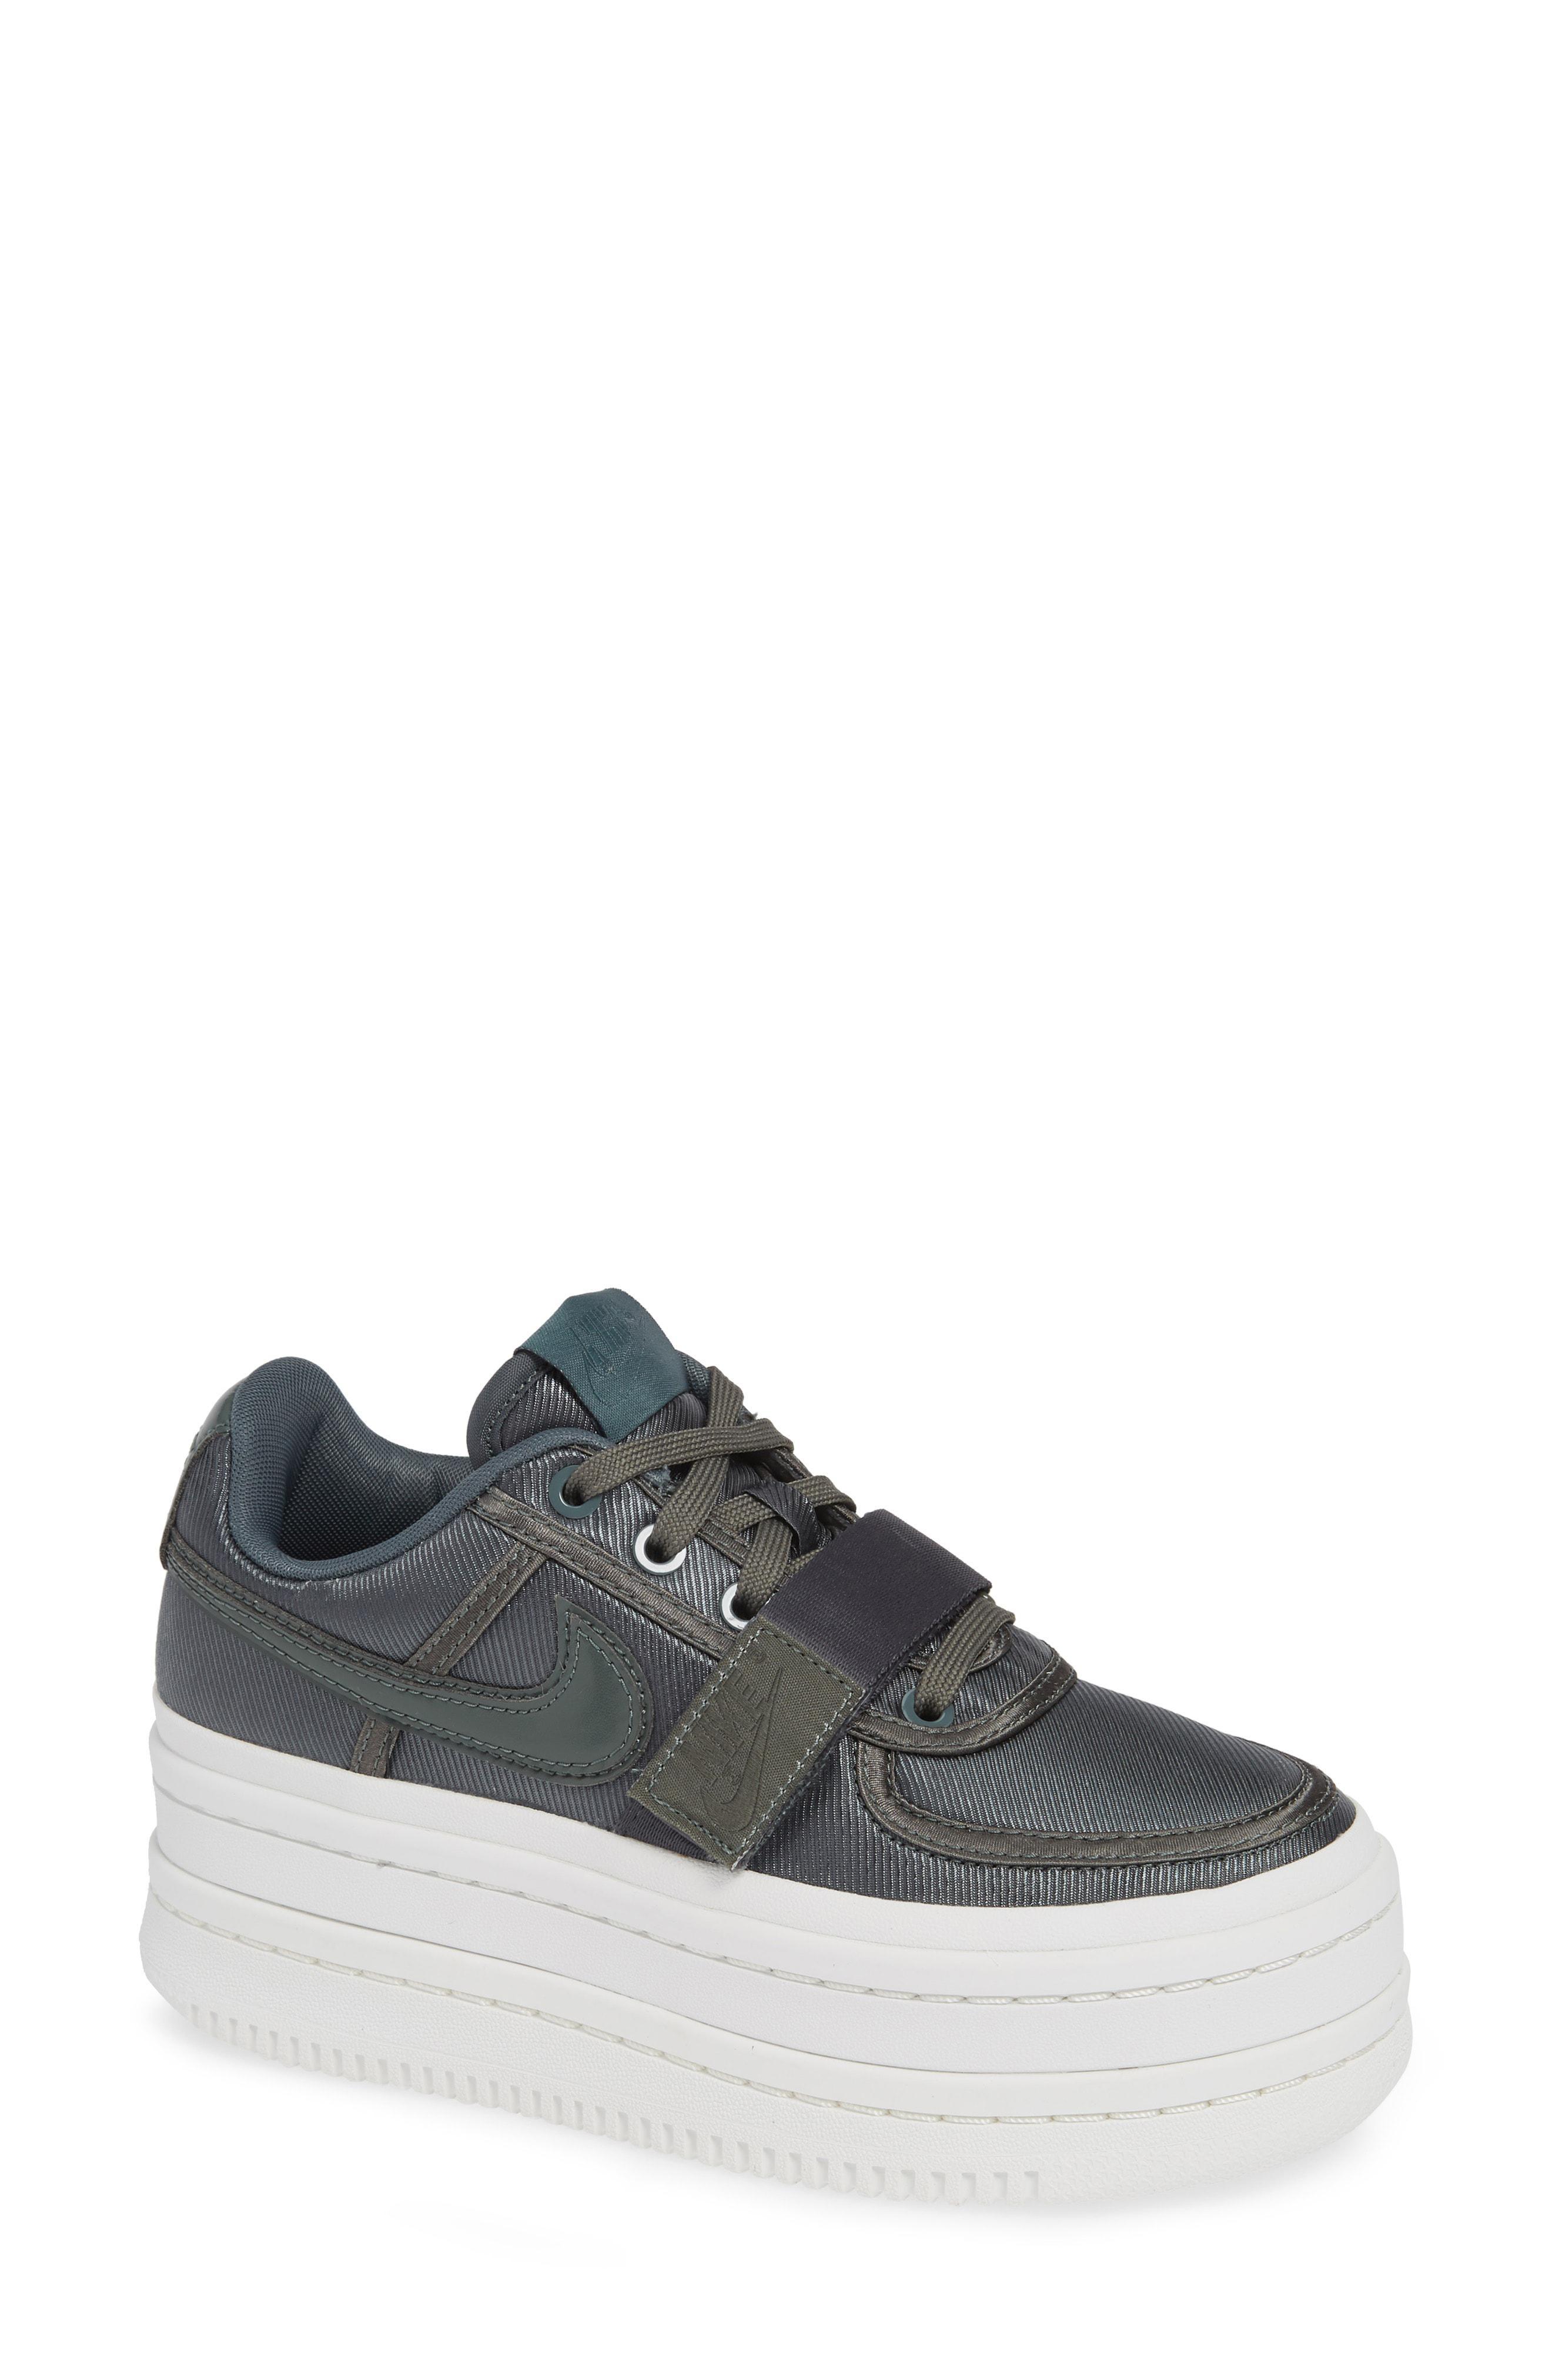 Nike. Women s Vandal 2k Sneaker a1b9921a6